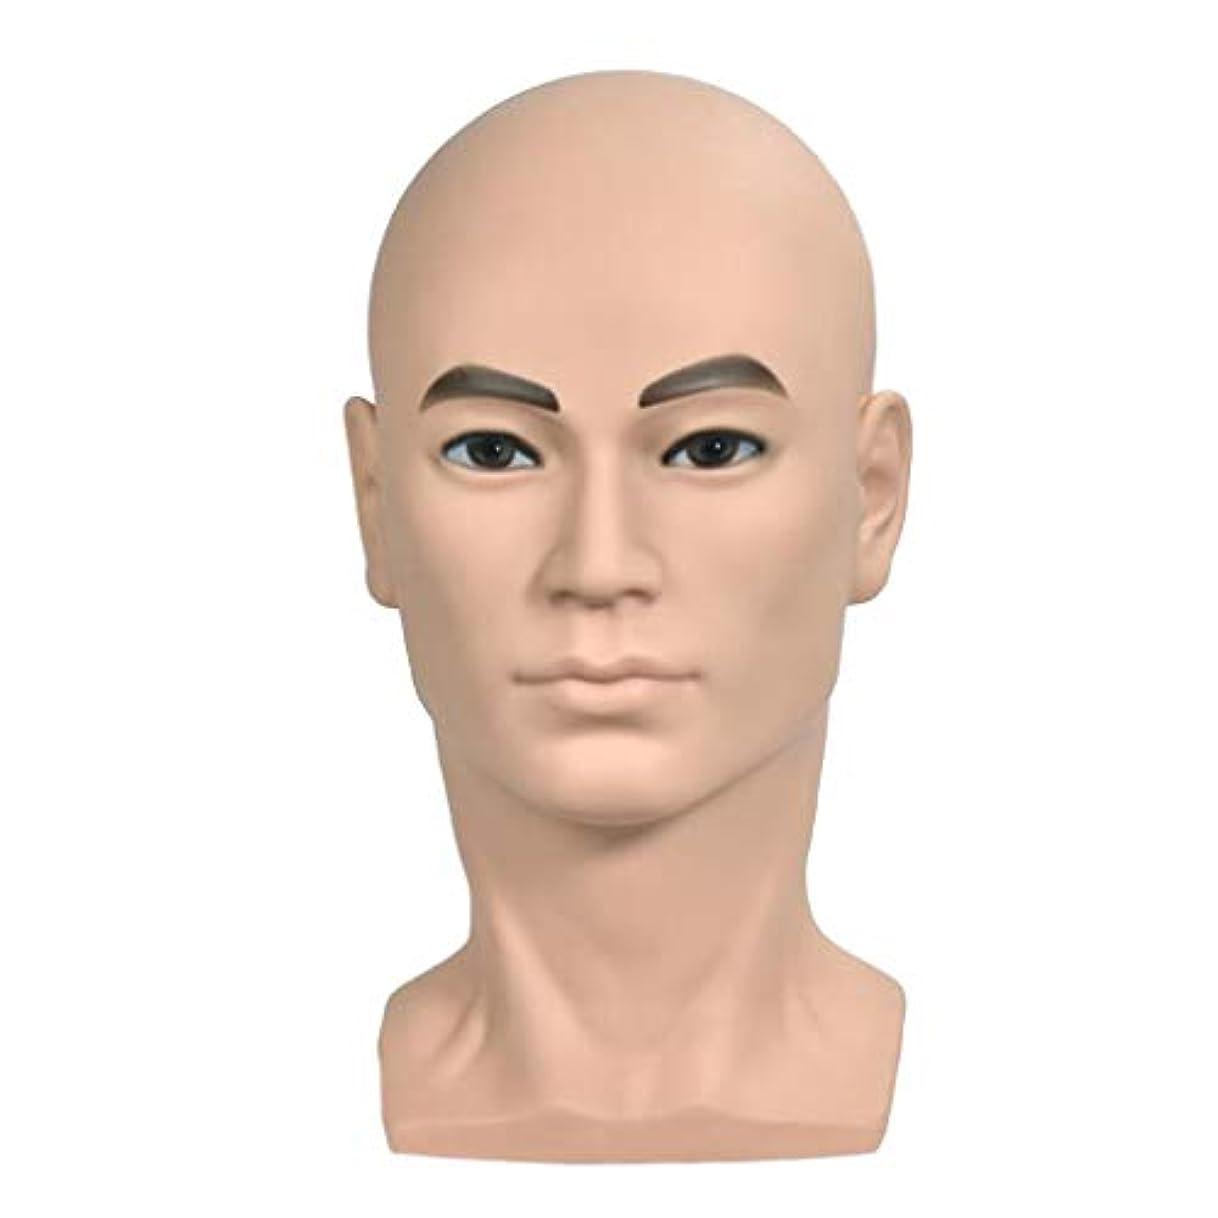 違う翻訳収穫マネキンヘッド 男性 ヘッドモデル ウィッグ 帽子 ディスプレイ ホルダー 美容院 家